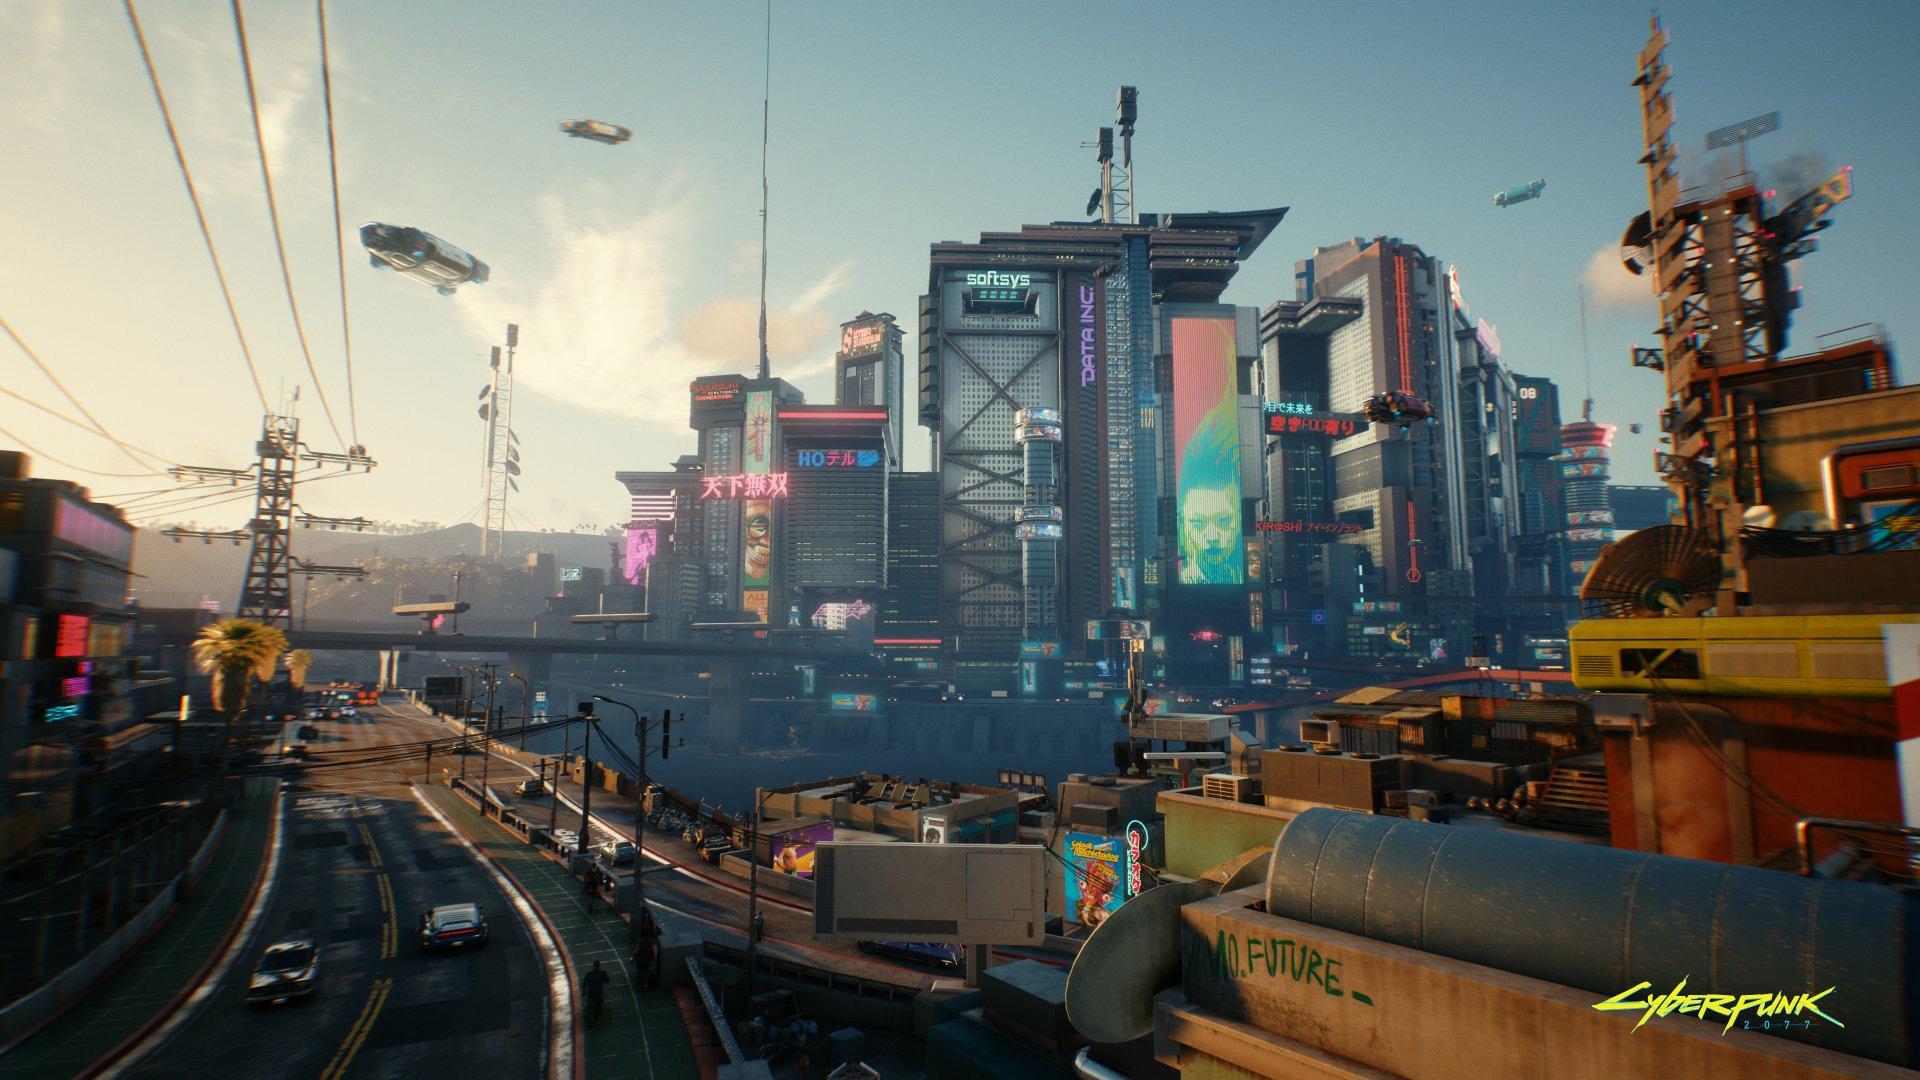 Combien a coûté la fabrication de Cyberpunk 2077?